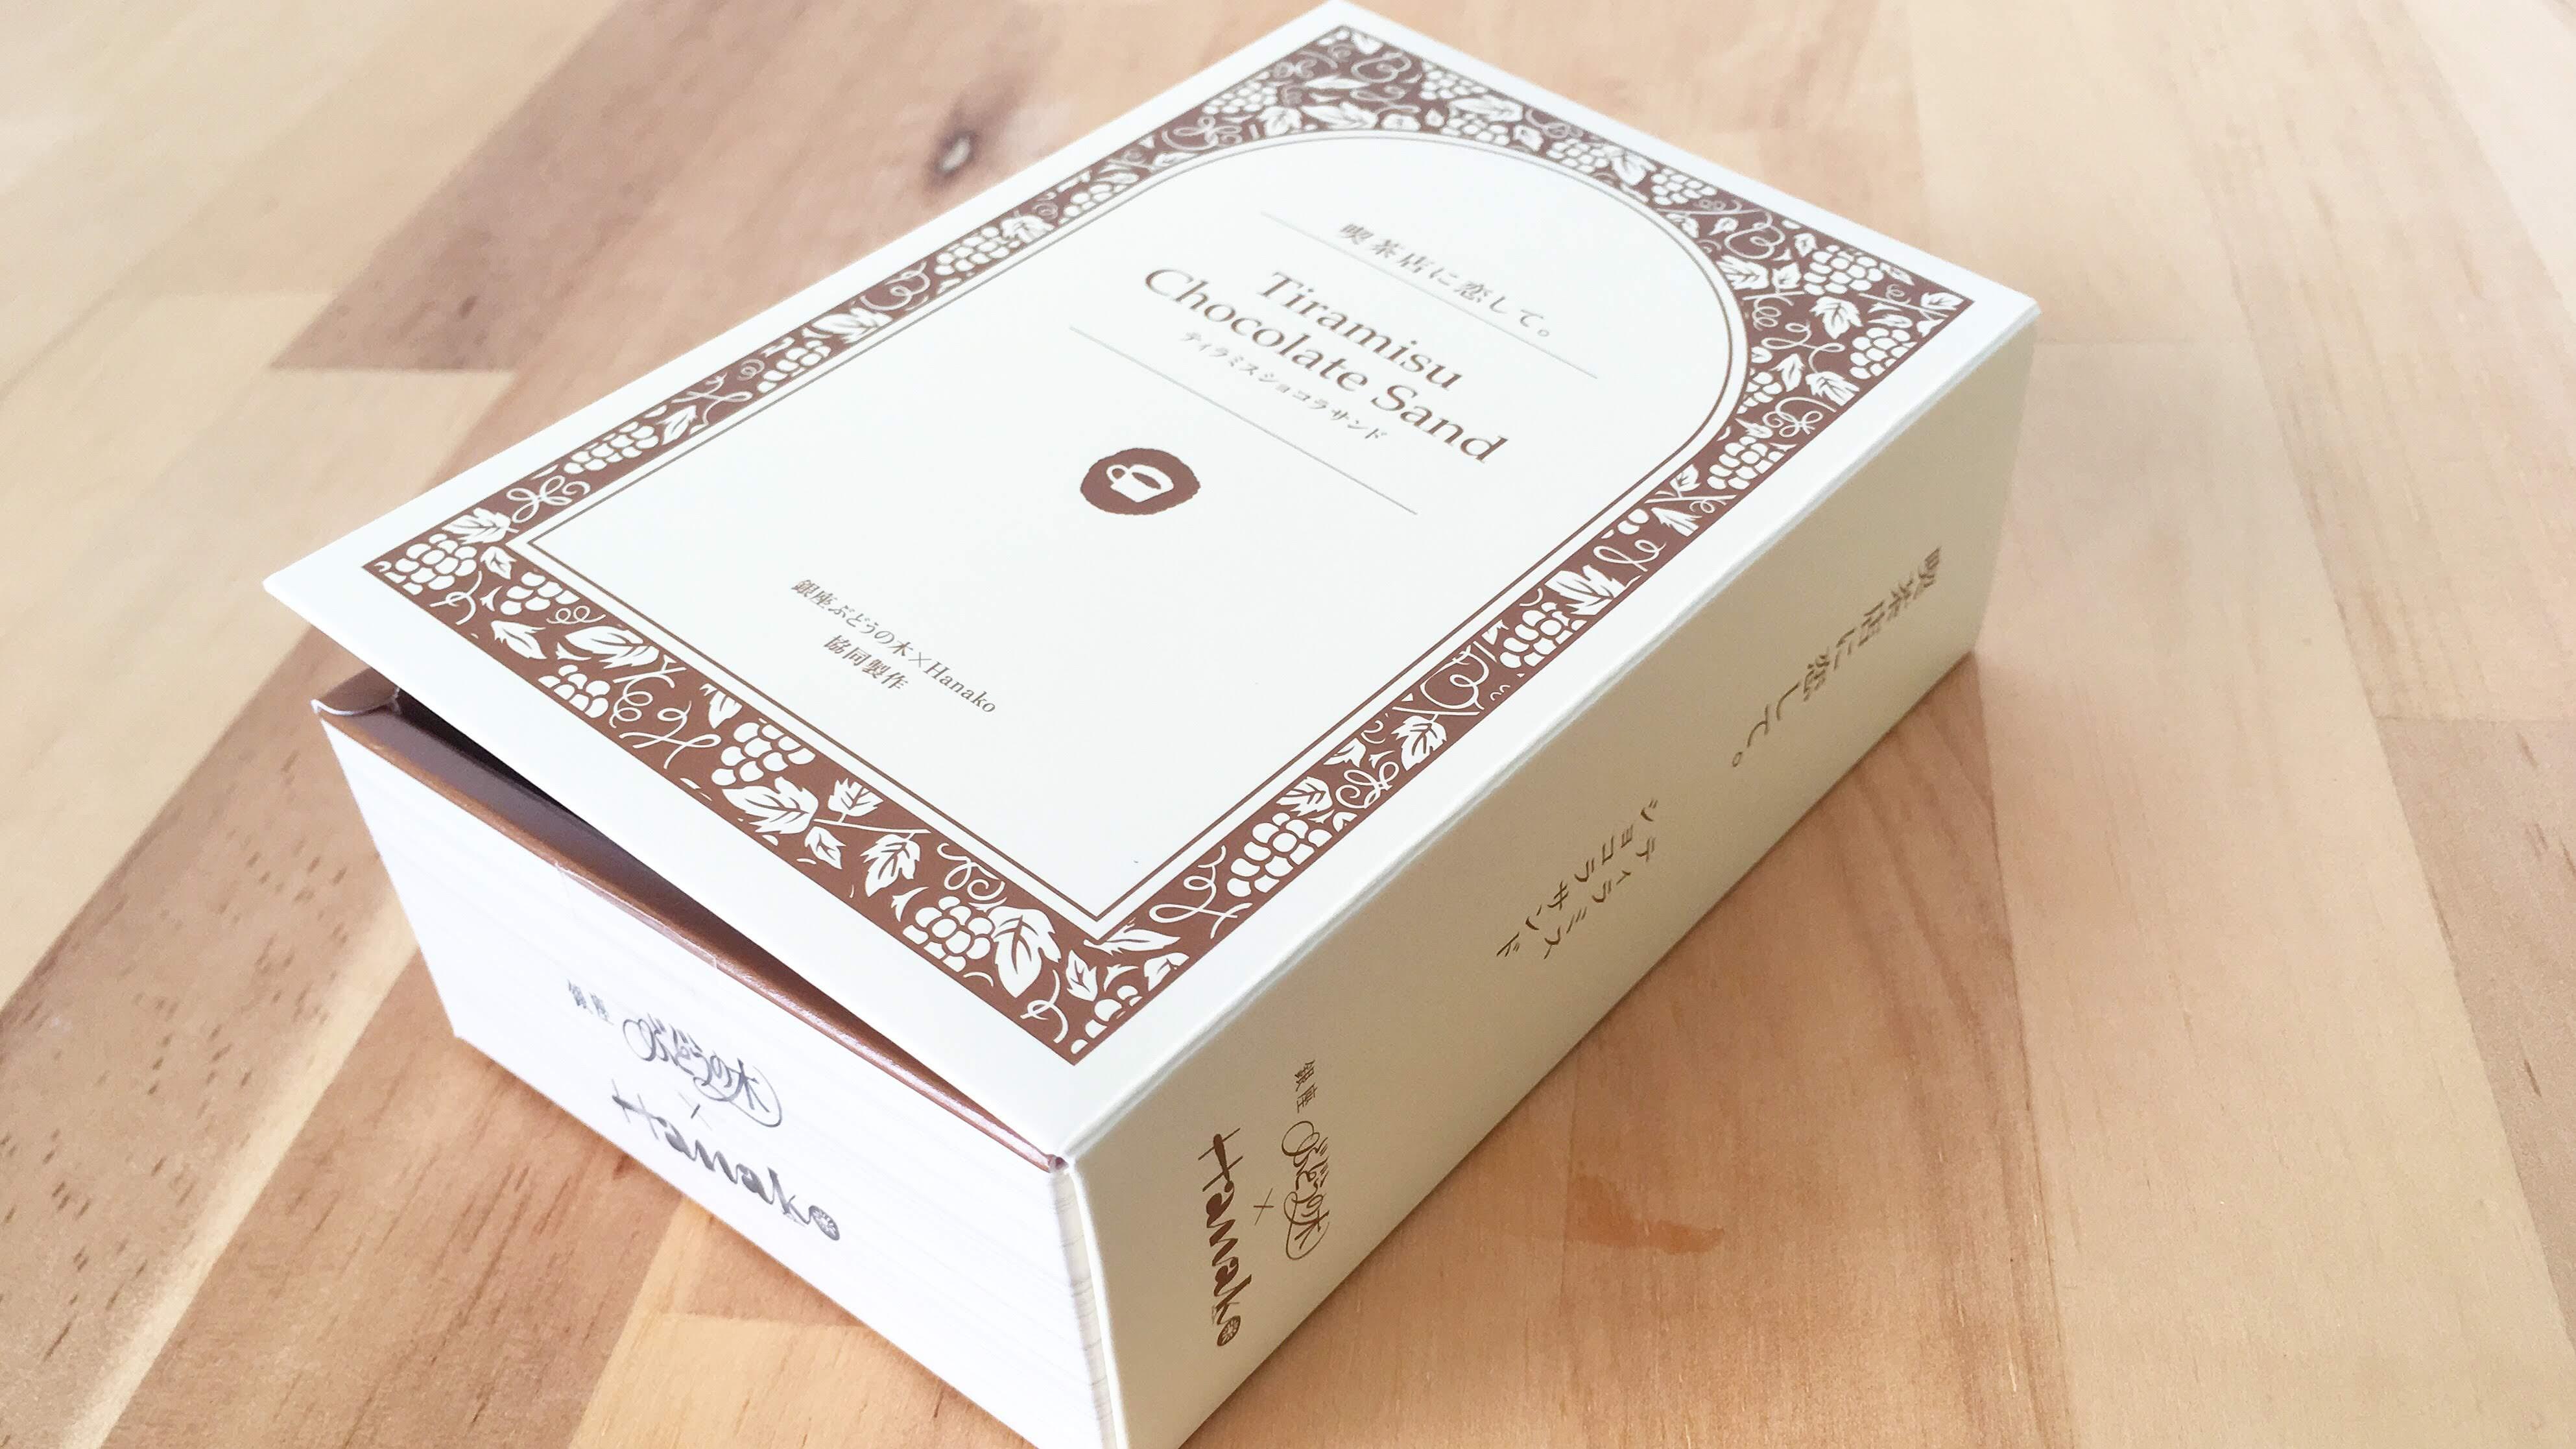 喫茶店に恋して。ティラミスショコラサンドの文庫本カバーを外したような内箱